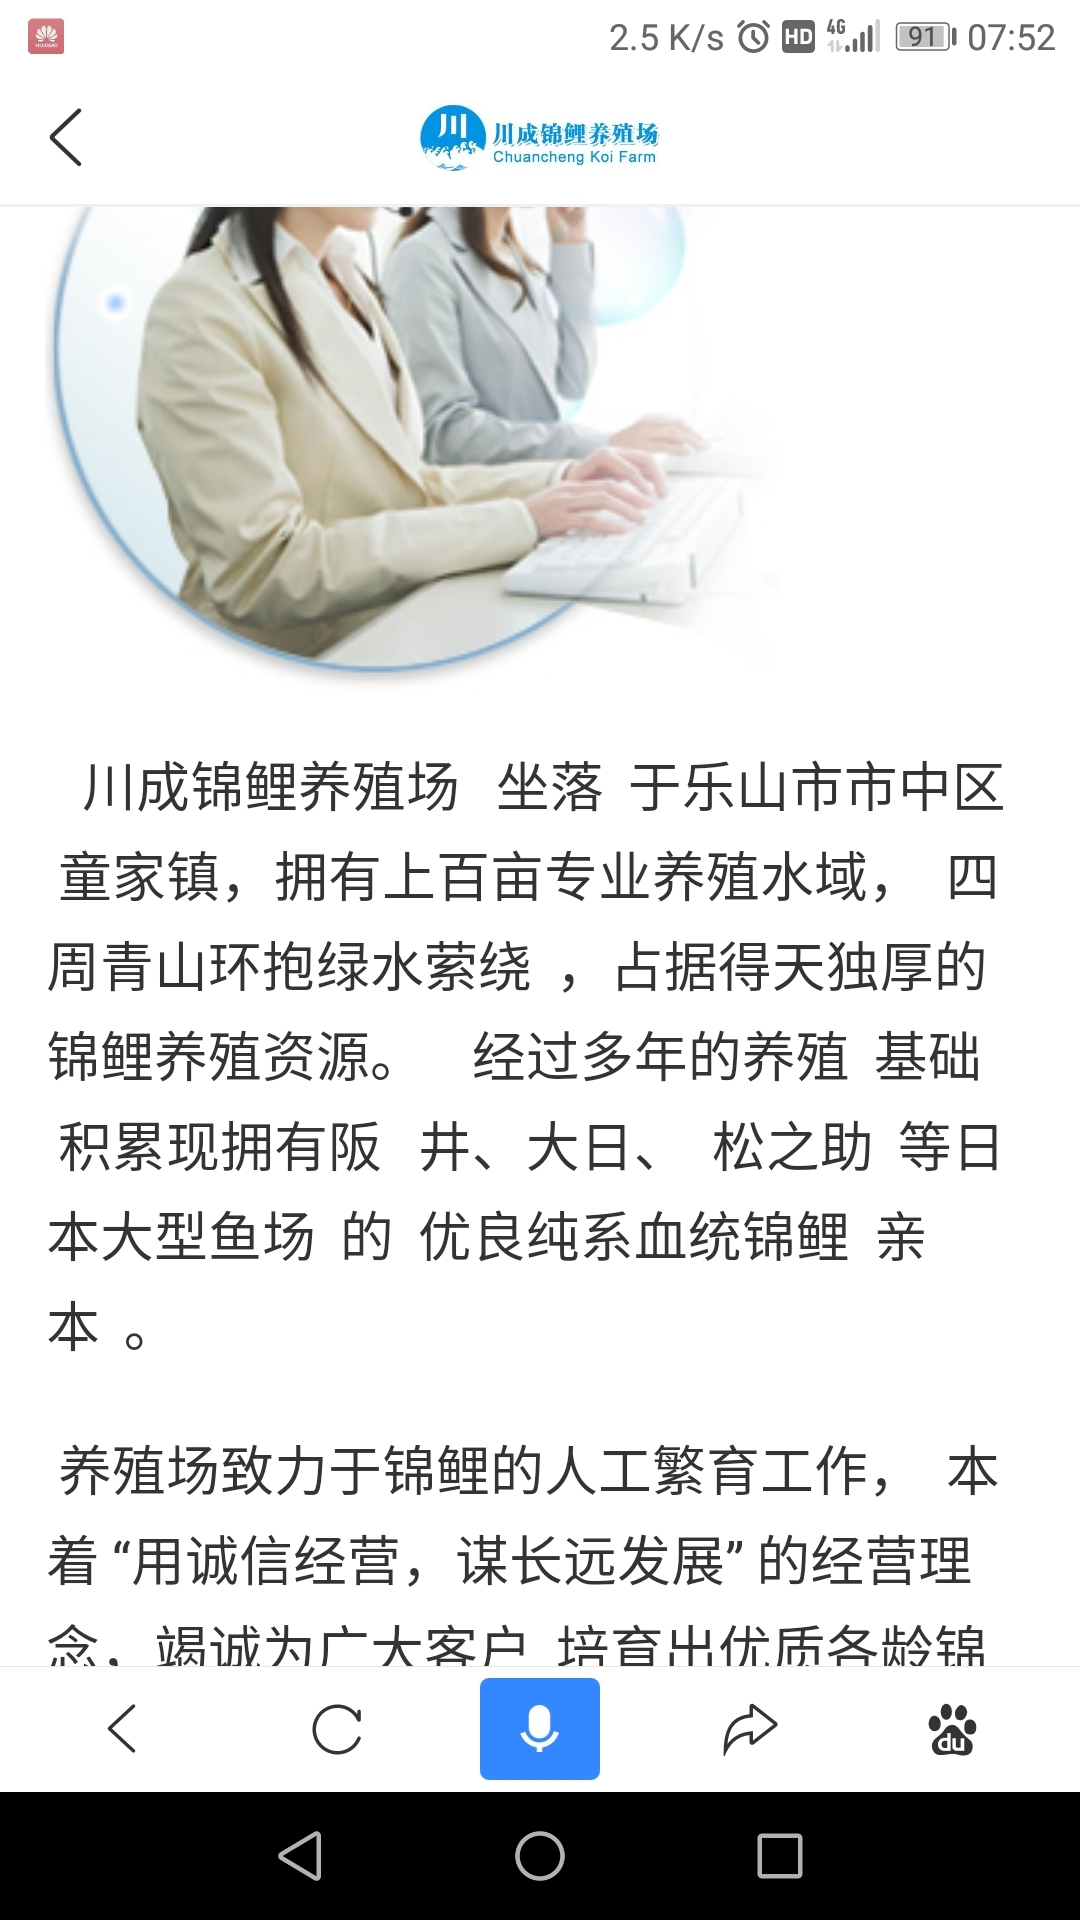 绵阳水族馆我们乐山也有锦鲤养殖场 绵阳龙鱼论坛 绵阳水族批发市场第1张